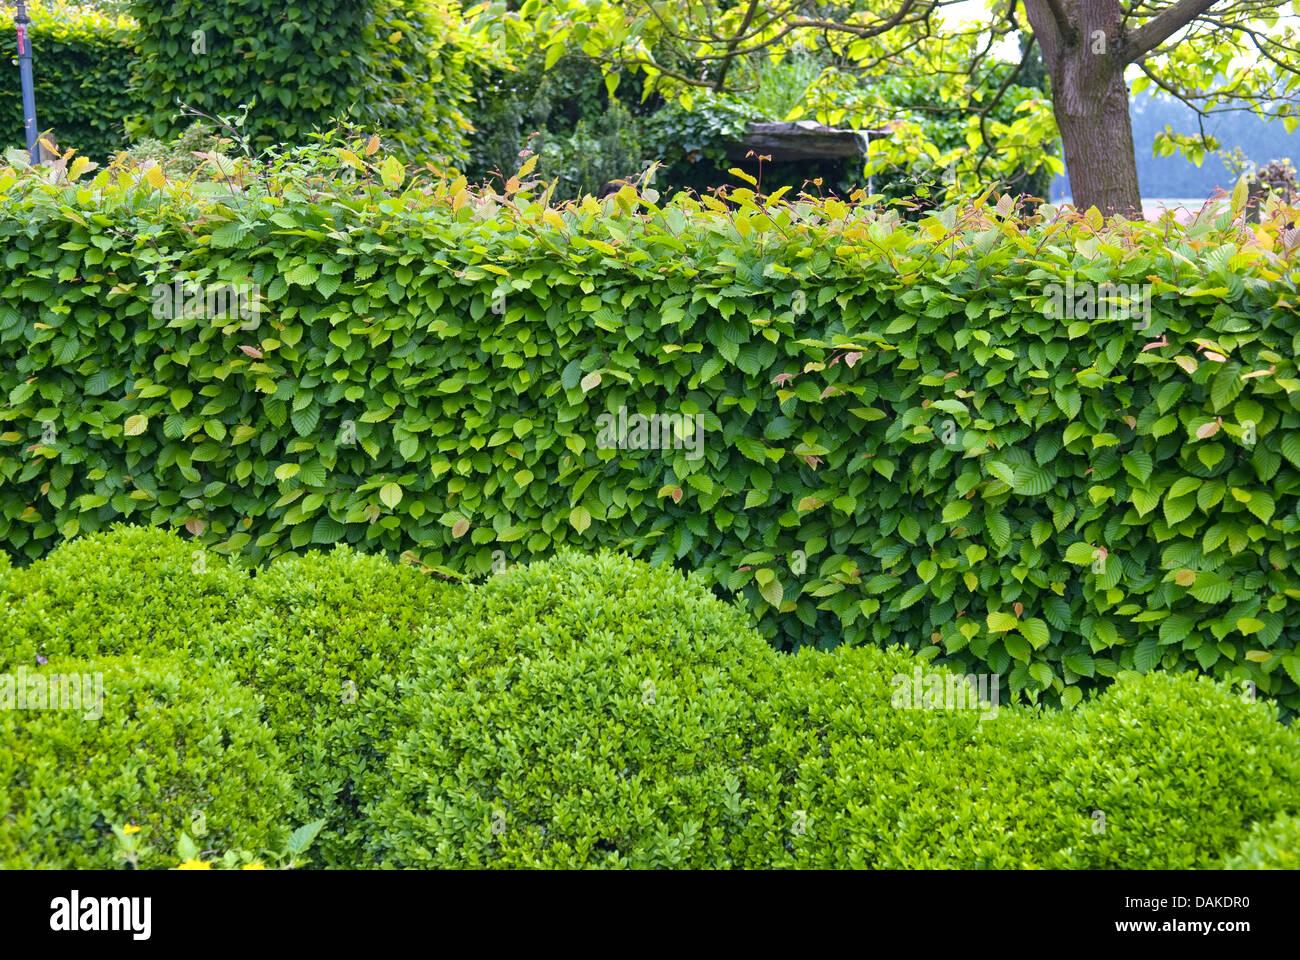 gemeinsamen hainbuche europ ische hainbuche carpinus betulus hainbuche hecke mit buchsbaum. Black Bedroom Furniture Sets. Home Design Ideas